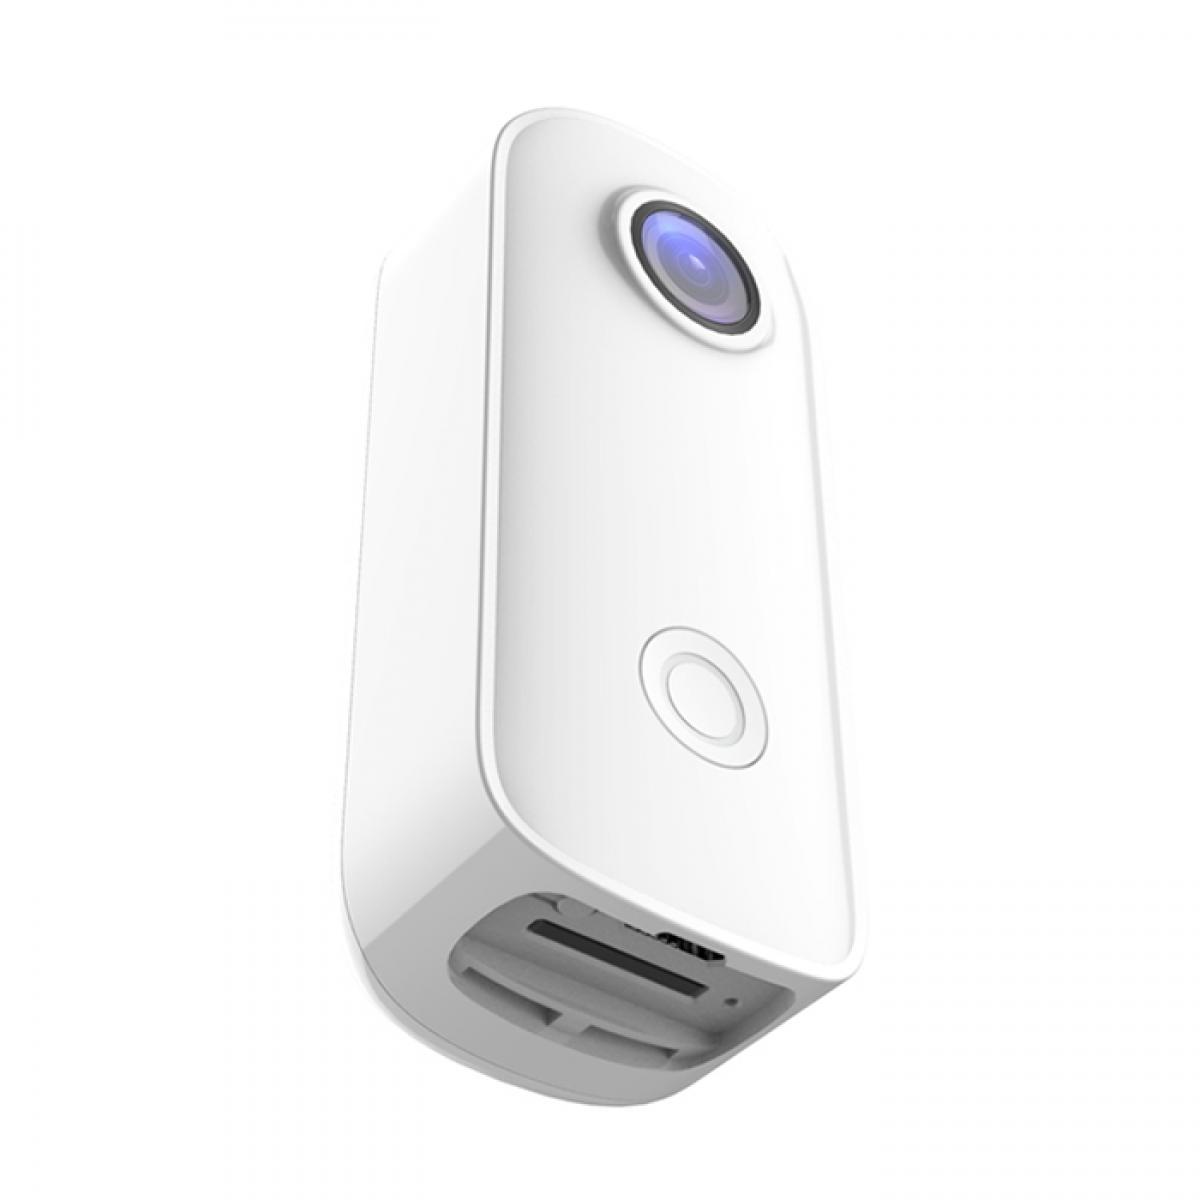 SJCAM C100 + mini câmera esportiva life camera 2K 30FPS H.265 NTK96675 WiFi 30M à prova d'água pode ser usada como uma câmera web branca